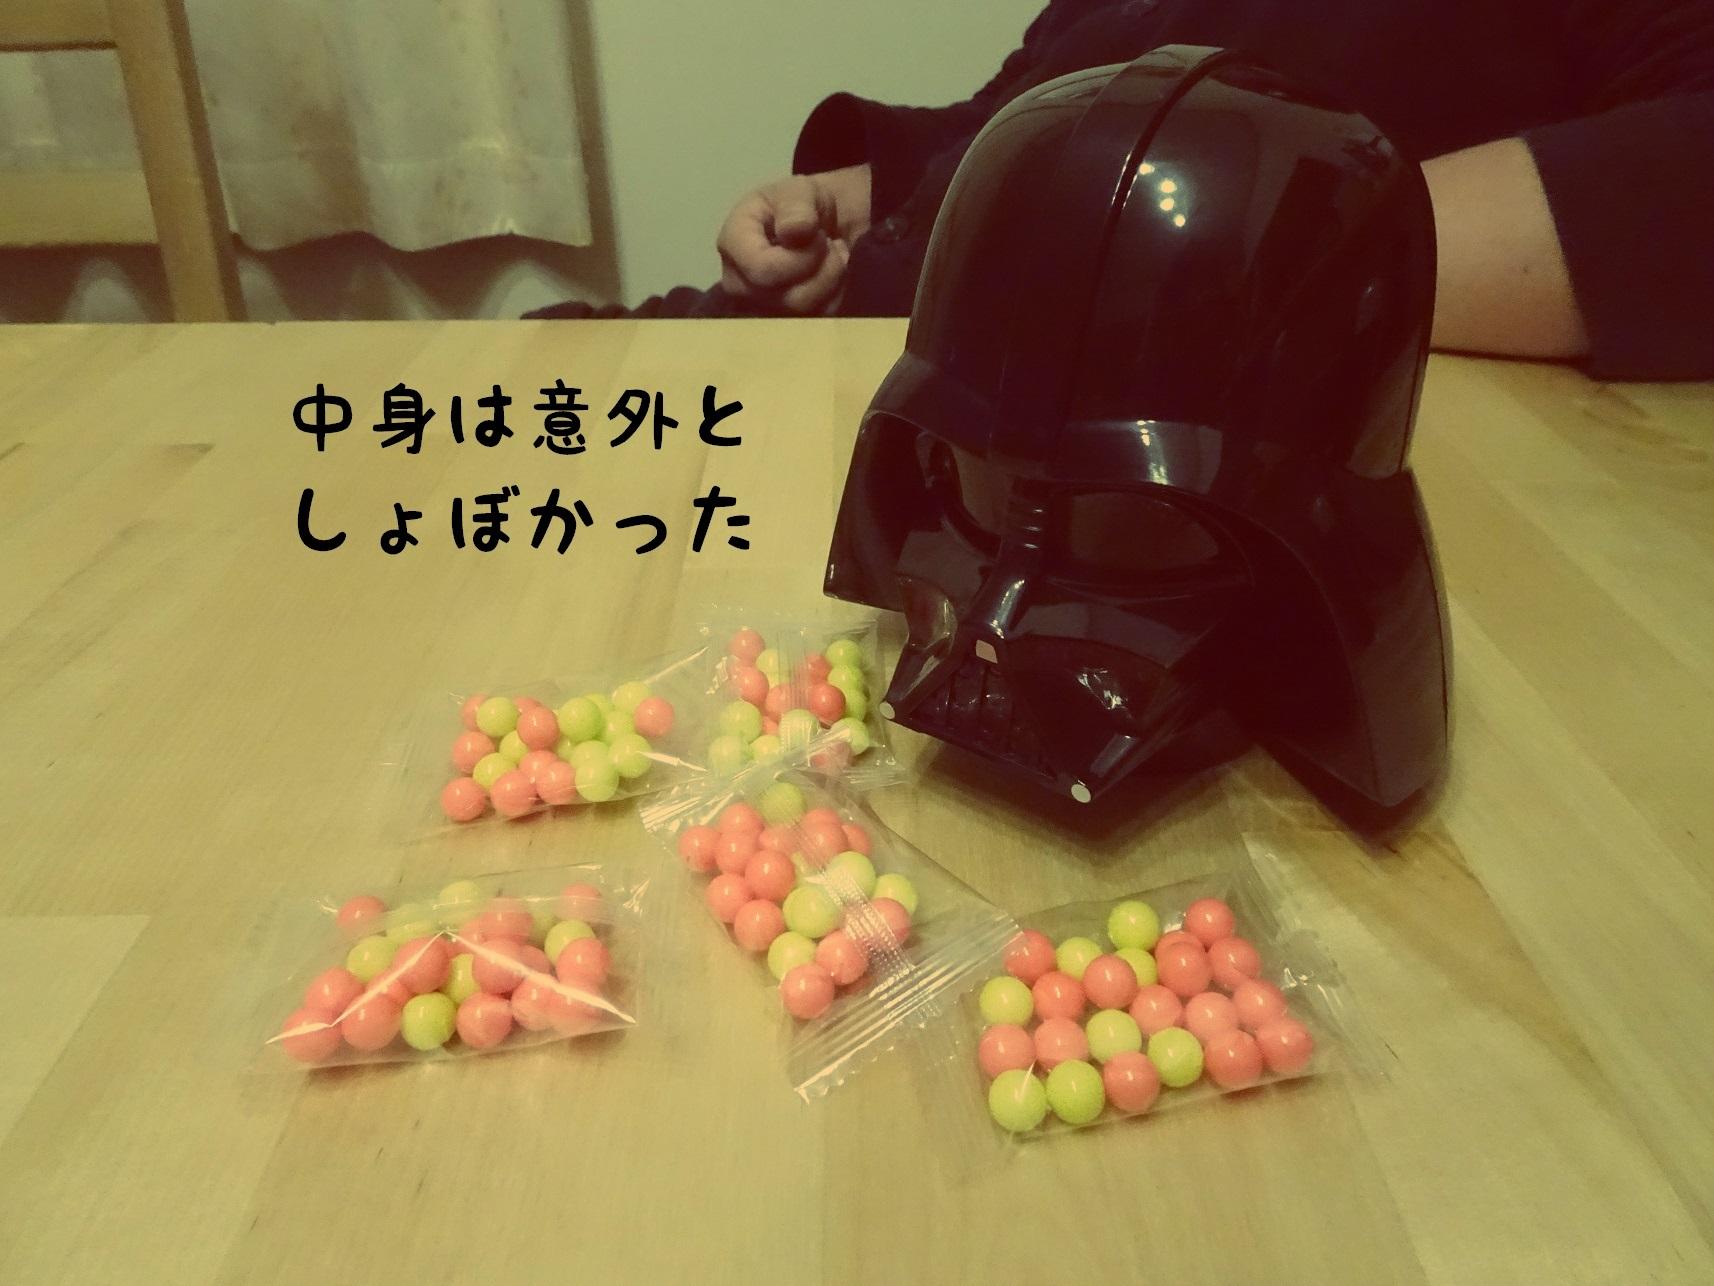 キャンディーだった